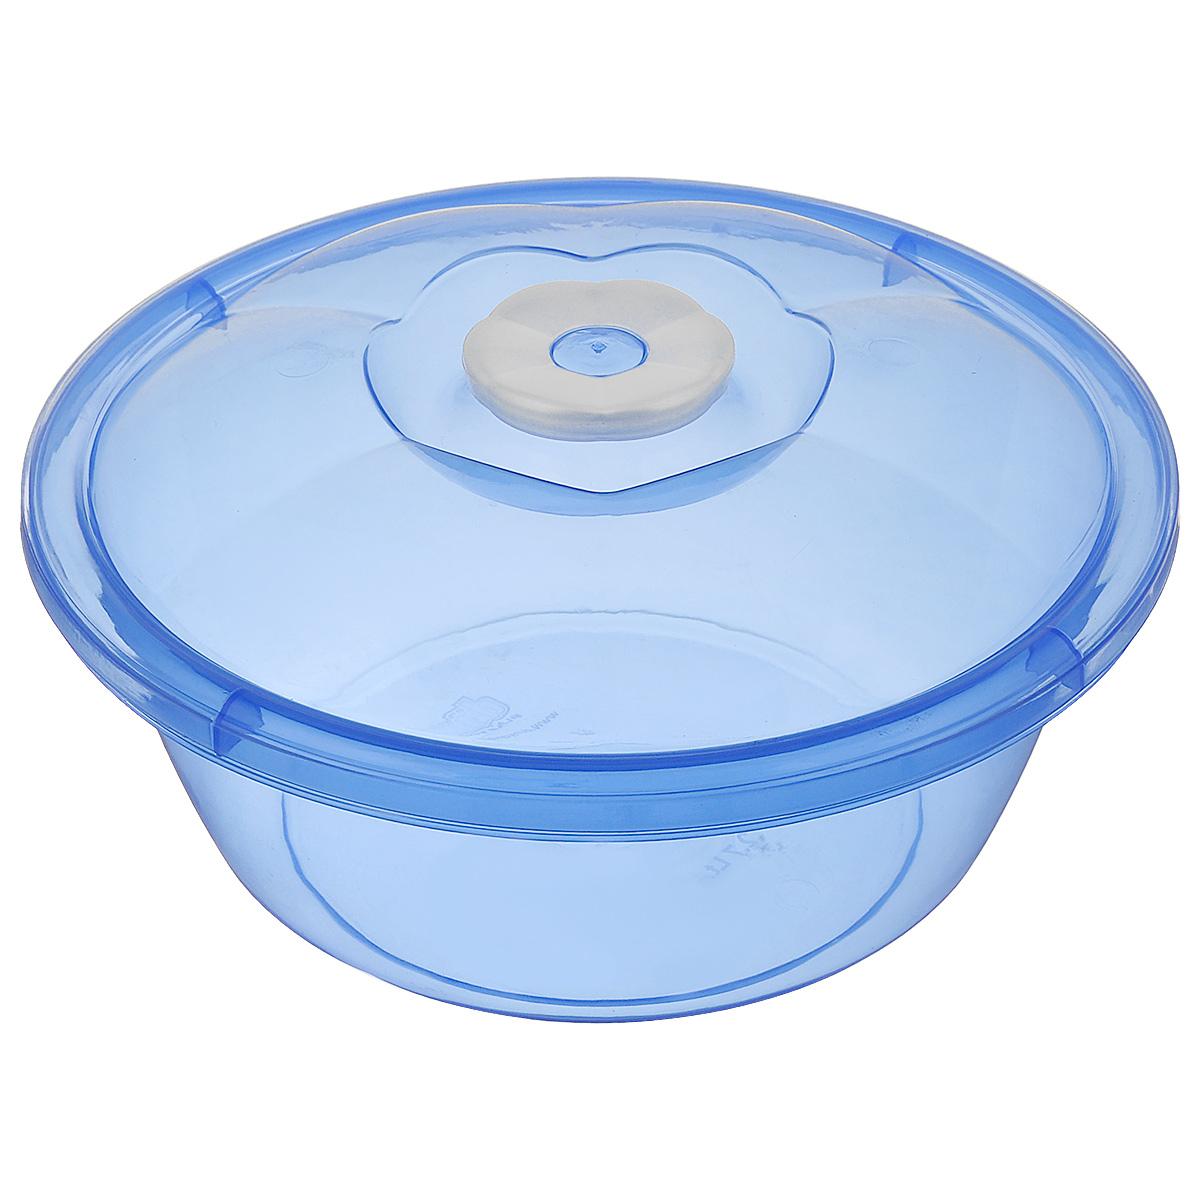 Миска Dunya Plastik, с крышкой, цвет: синий, белый, 2,7 л10433_синийМиска Dunya Plastik, изготовленная из пищевого пластика, имеет круглую форму. Изделие, оснащенное крышкой, очень функциональное. Оно прекрасно подойдет для хранения различных бытовых предметов, пищевых продуктов. Можно мыть в посудомоечной машине. Объем: 2,7 л. Диаметр (по верхнему краю): 24 см. Высота стенки (без учета крышки): 10 см.